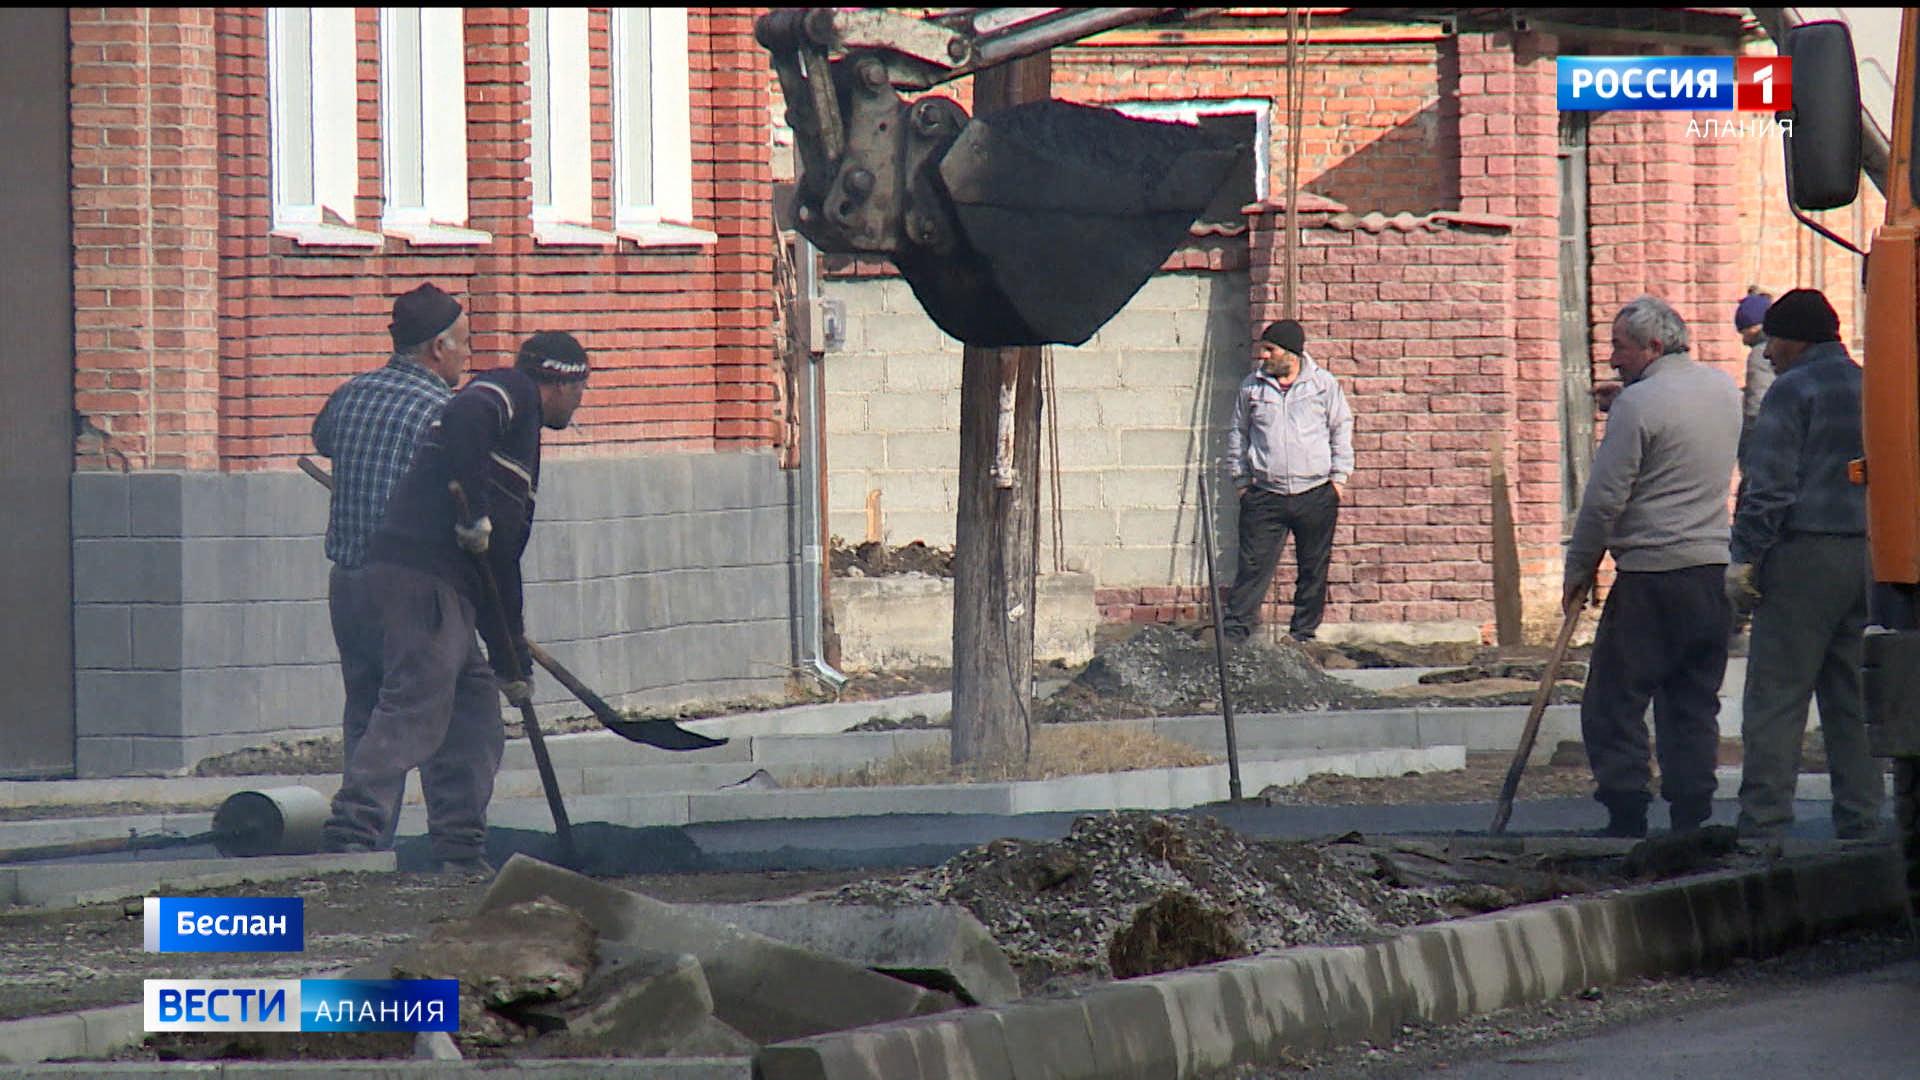 Прокуратура Правобережного района выявила ряд нарушений в ходе реконструкции очистных сооружений и ремонта дорог в Беслане